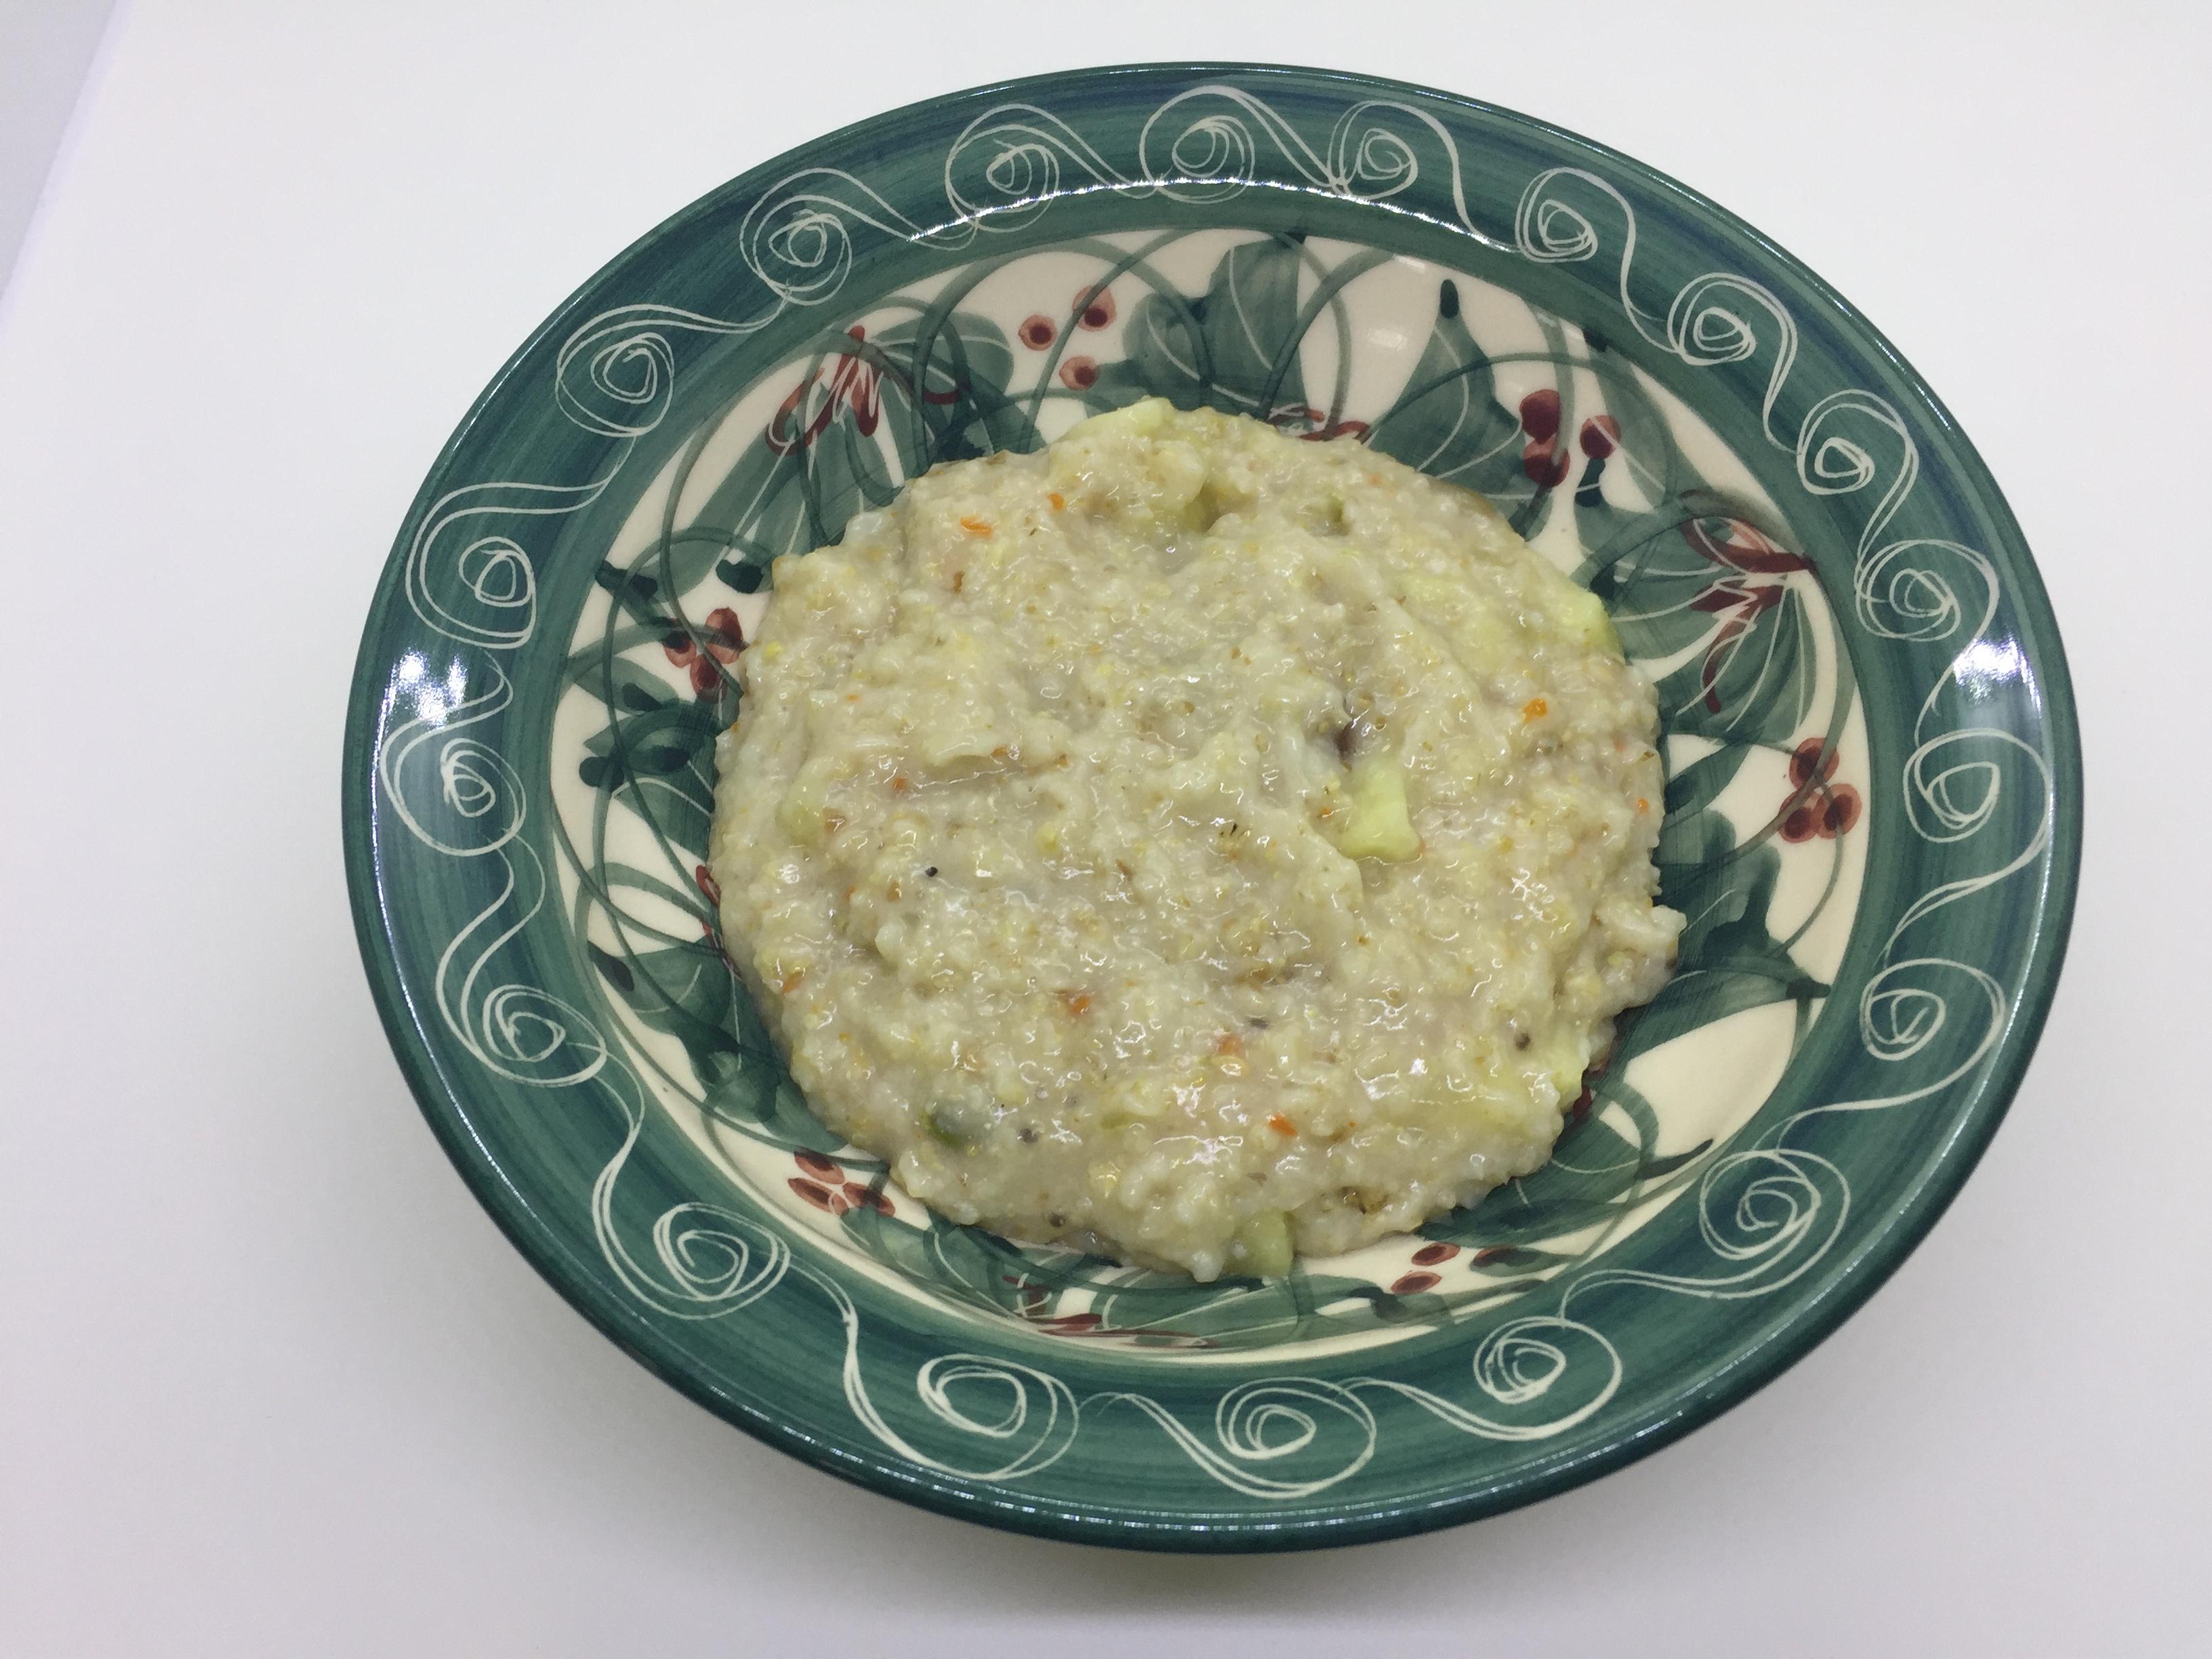 Cooked porridge